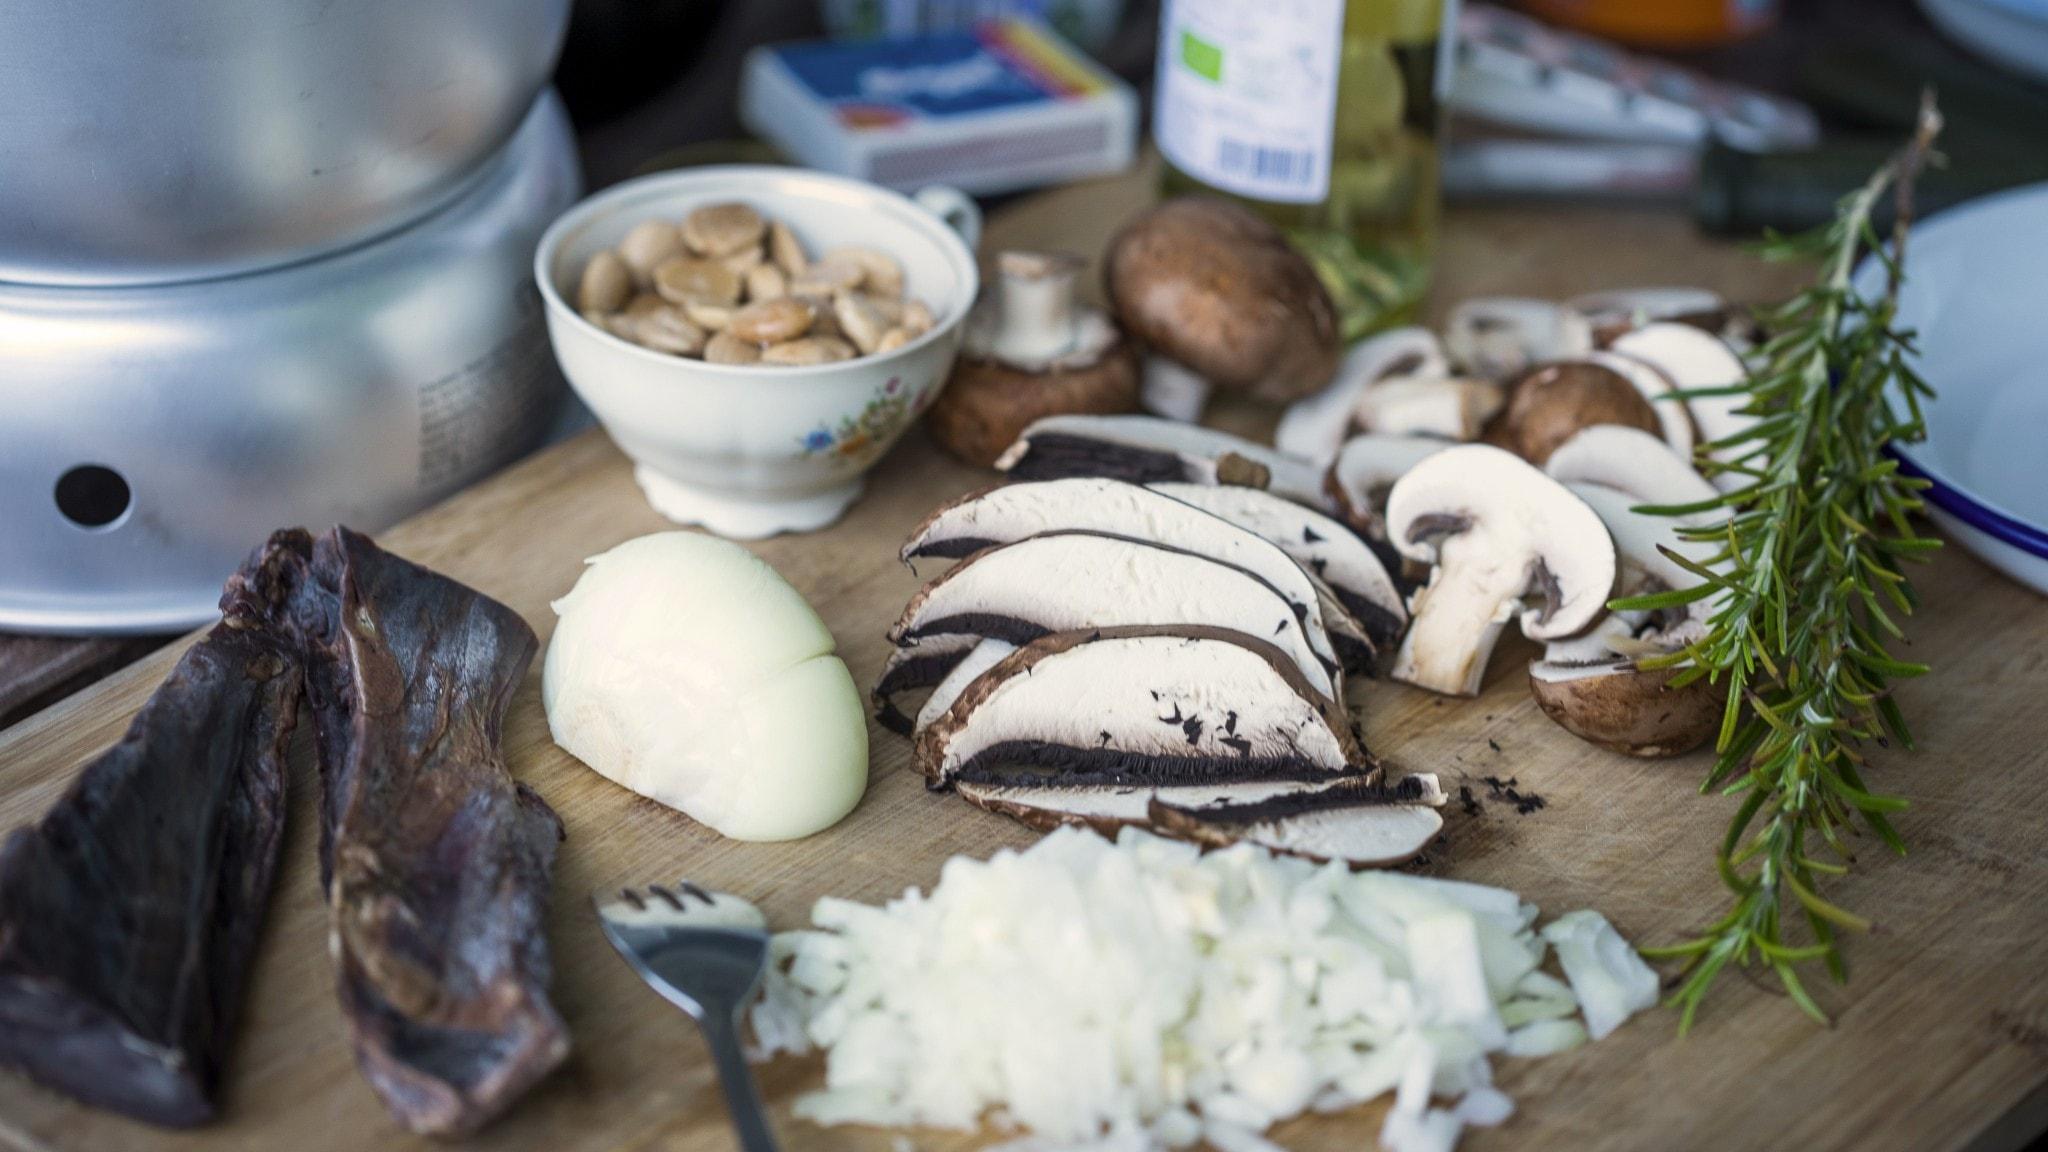 Skärbräda med uppskuren svamp, lök och ingredienser till risotto.